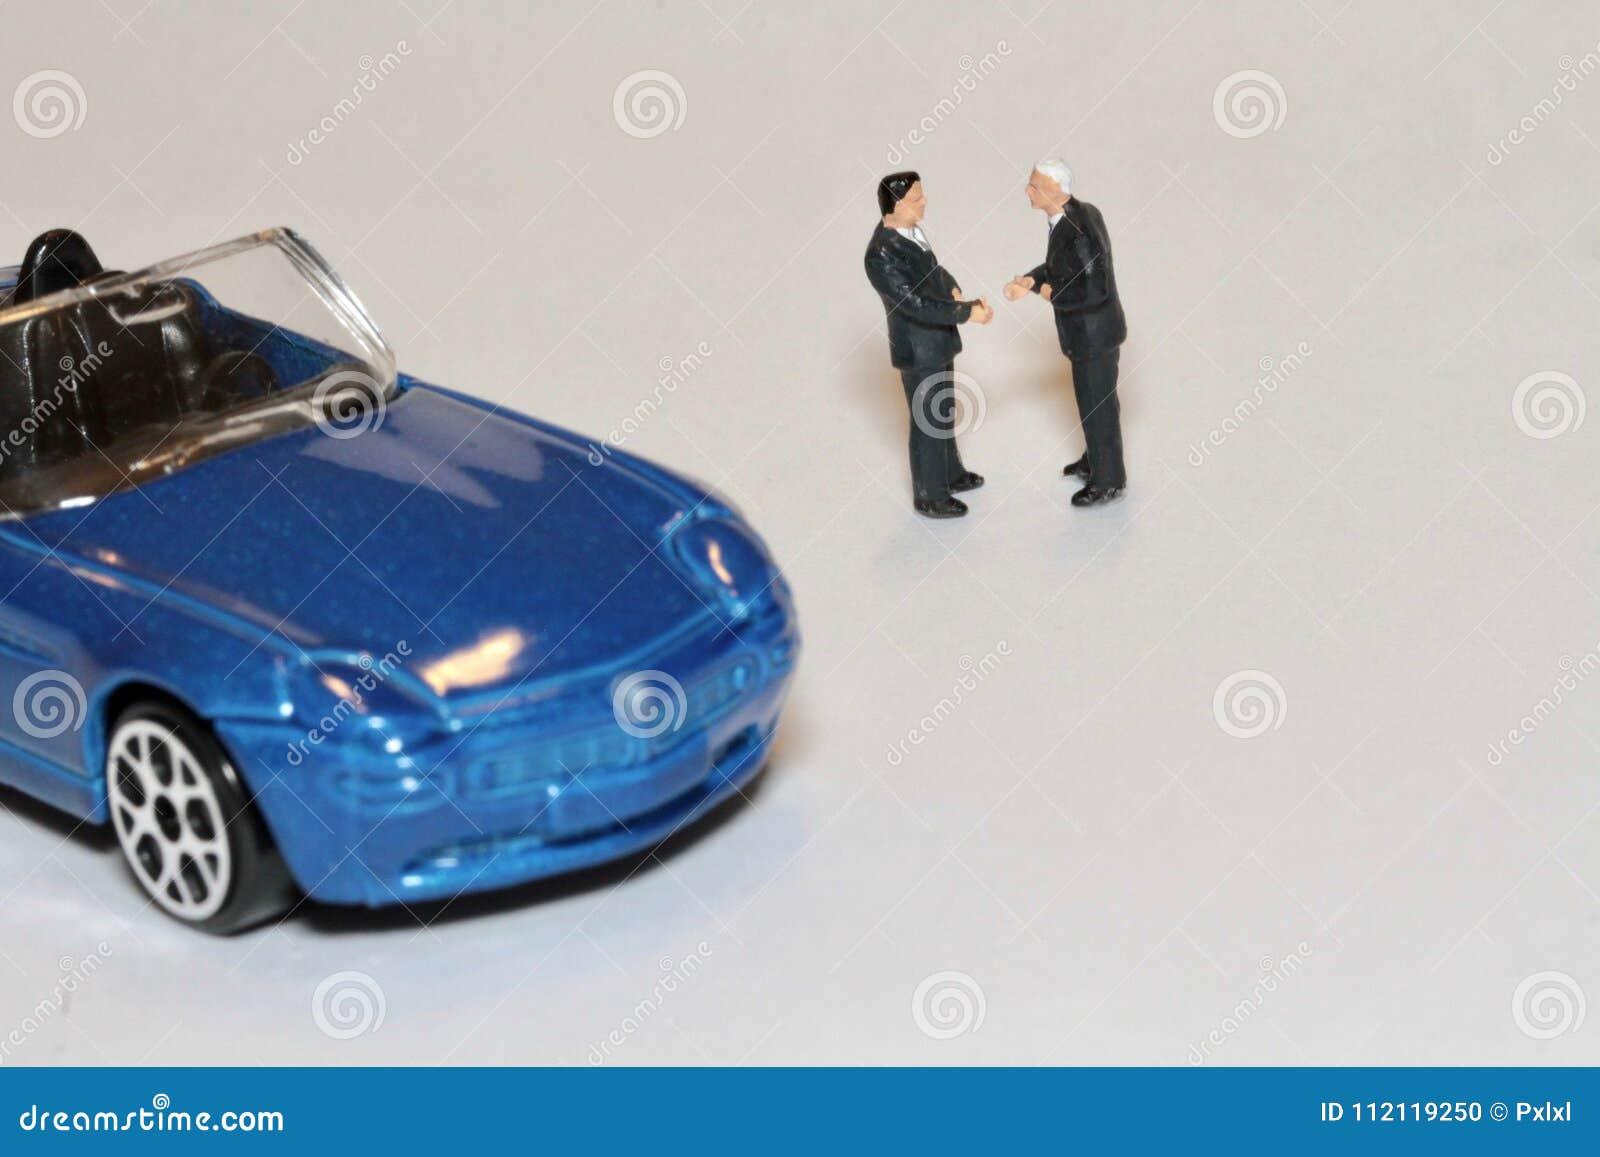 miniatuur autos kopen